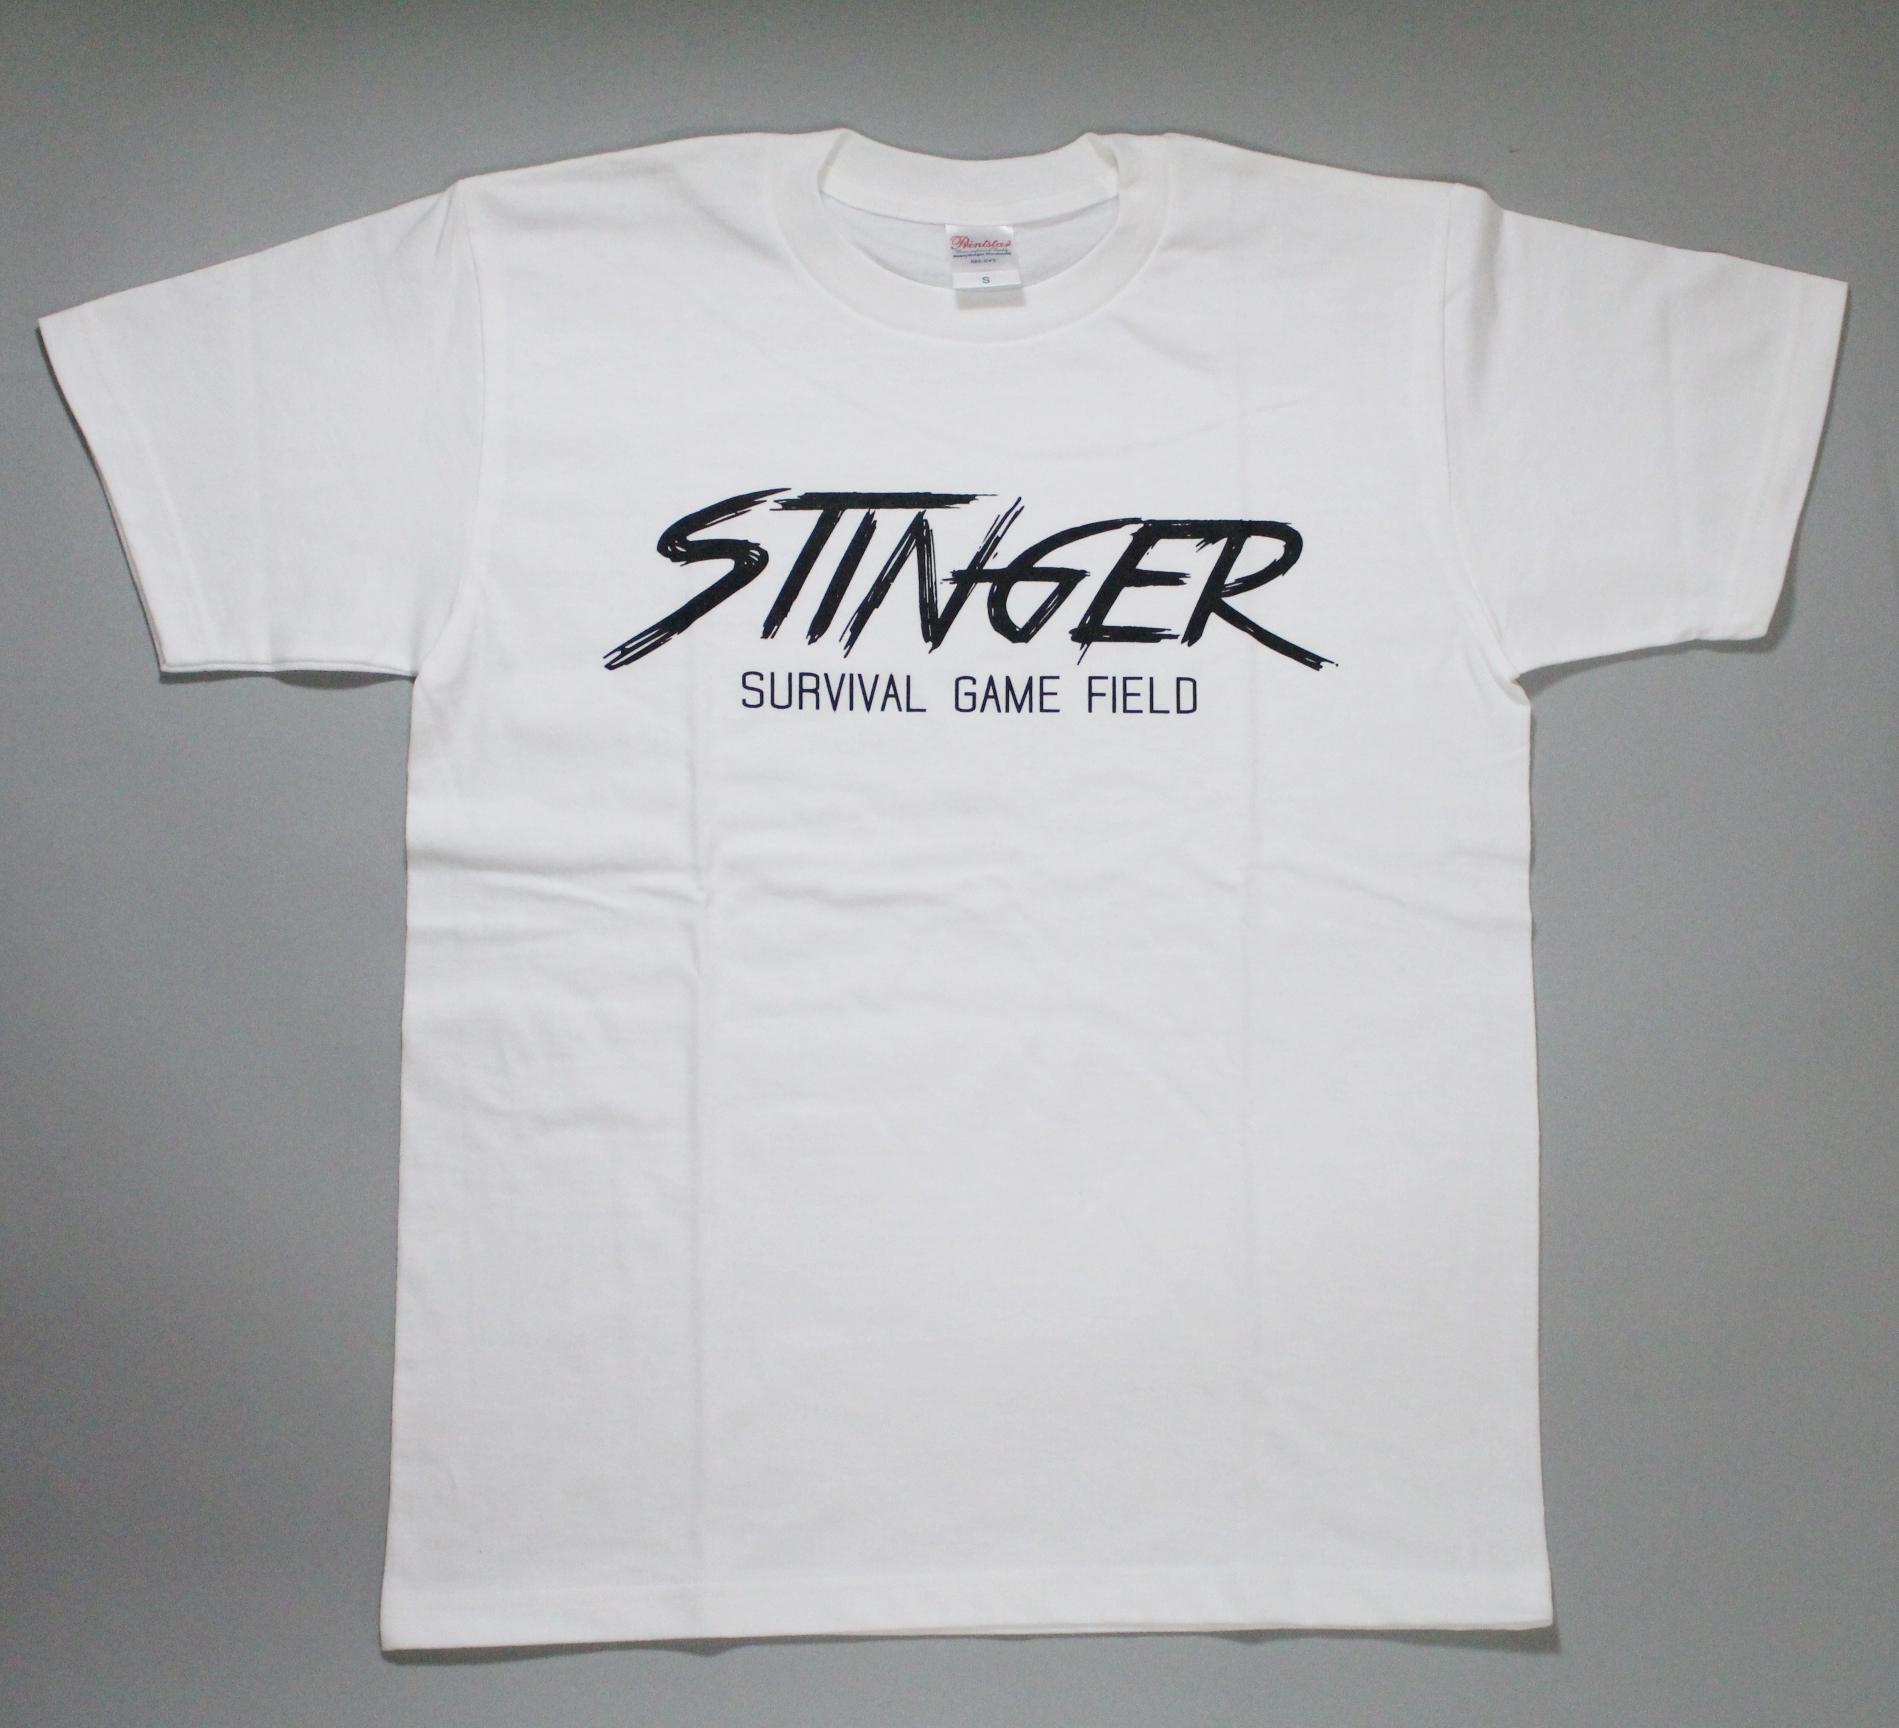 Tshirt02White